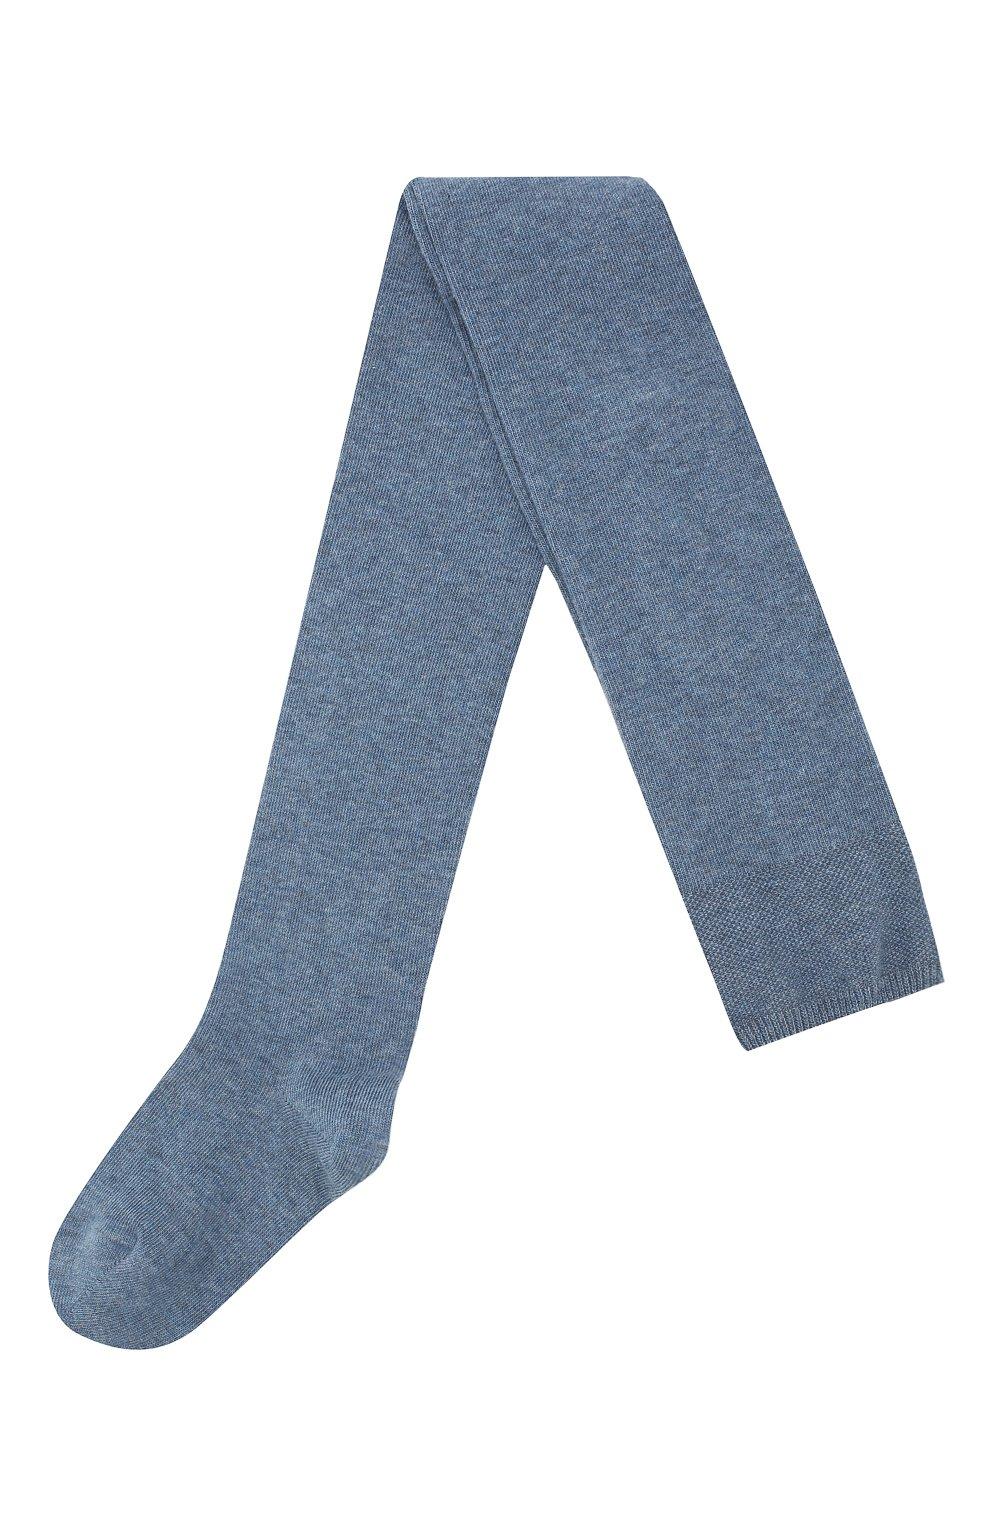 Детские хлопковые колготки FALKE голубого цвета, арт. 13645 | Фото 1 (Материал: Текстиль, Хлопок; Статус проверки: Проверено, Проверена категория)